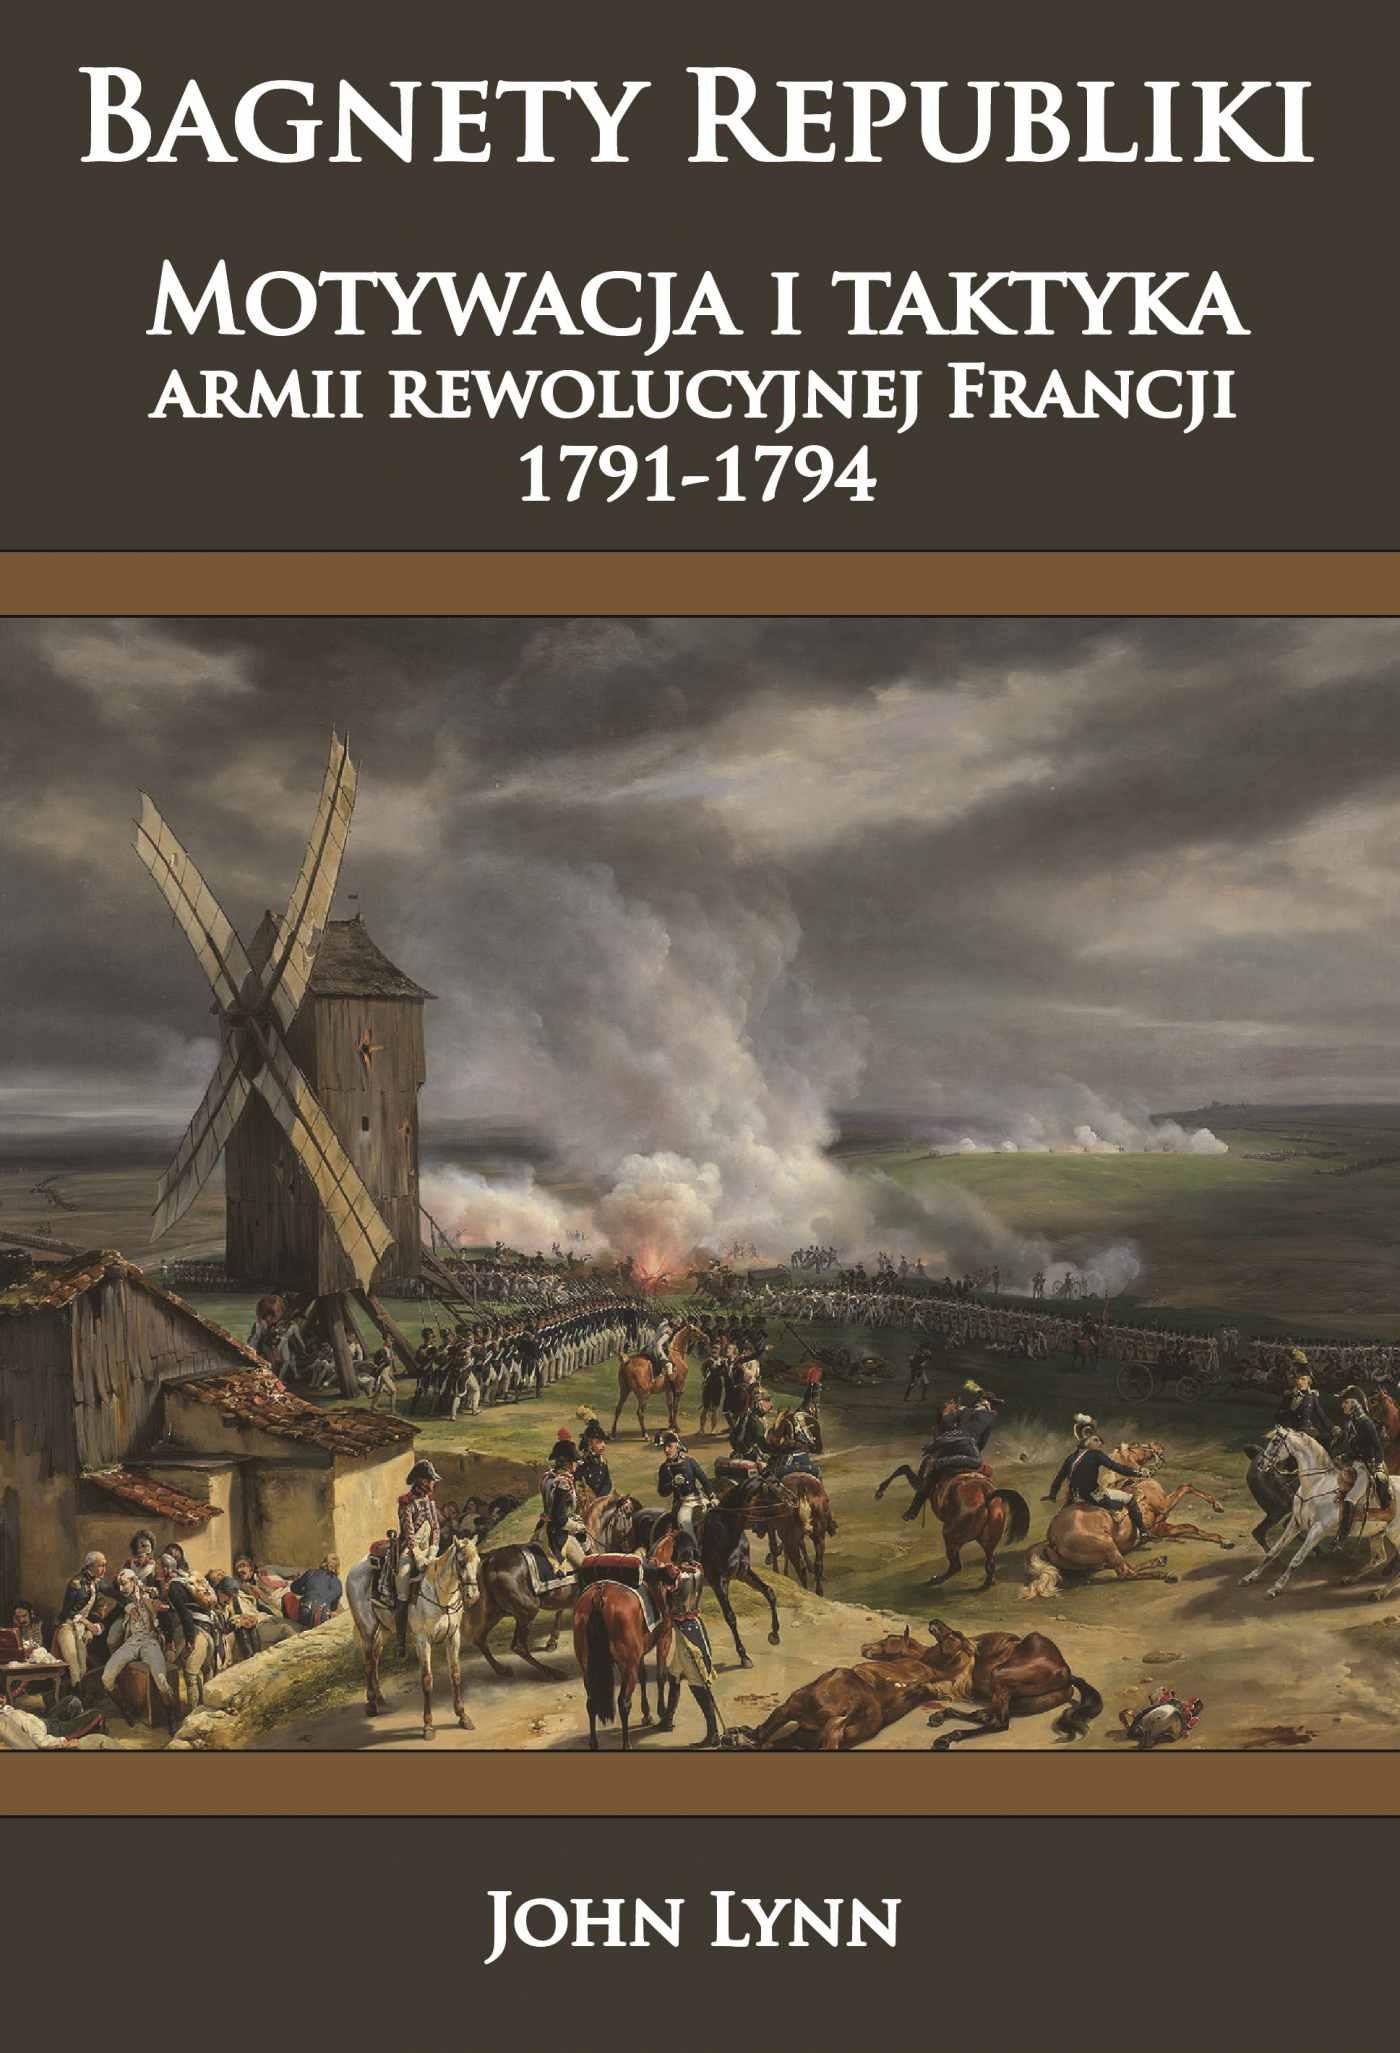 Bagnety Republiki. Motywacja i taktyka armii rewolucyjnej Francji 1791-1794 - Ebook (Książka EPUB) do pobrania w formacie EPUB